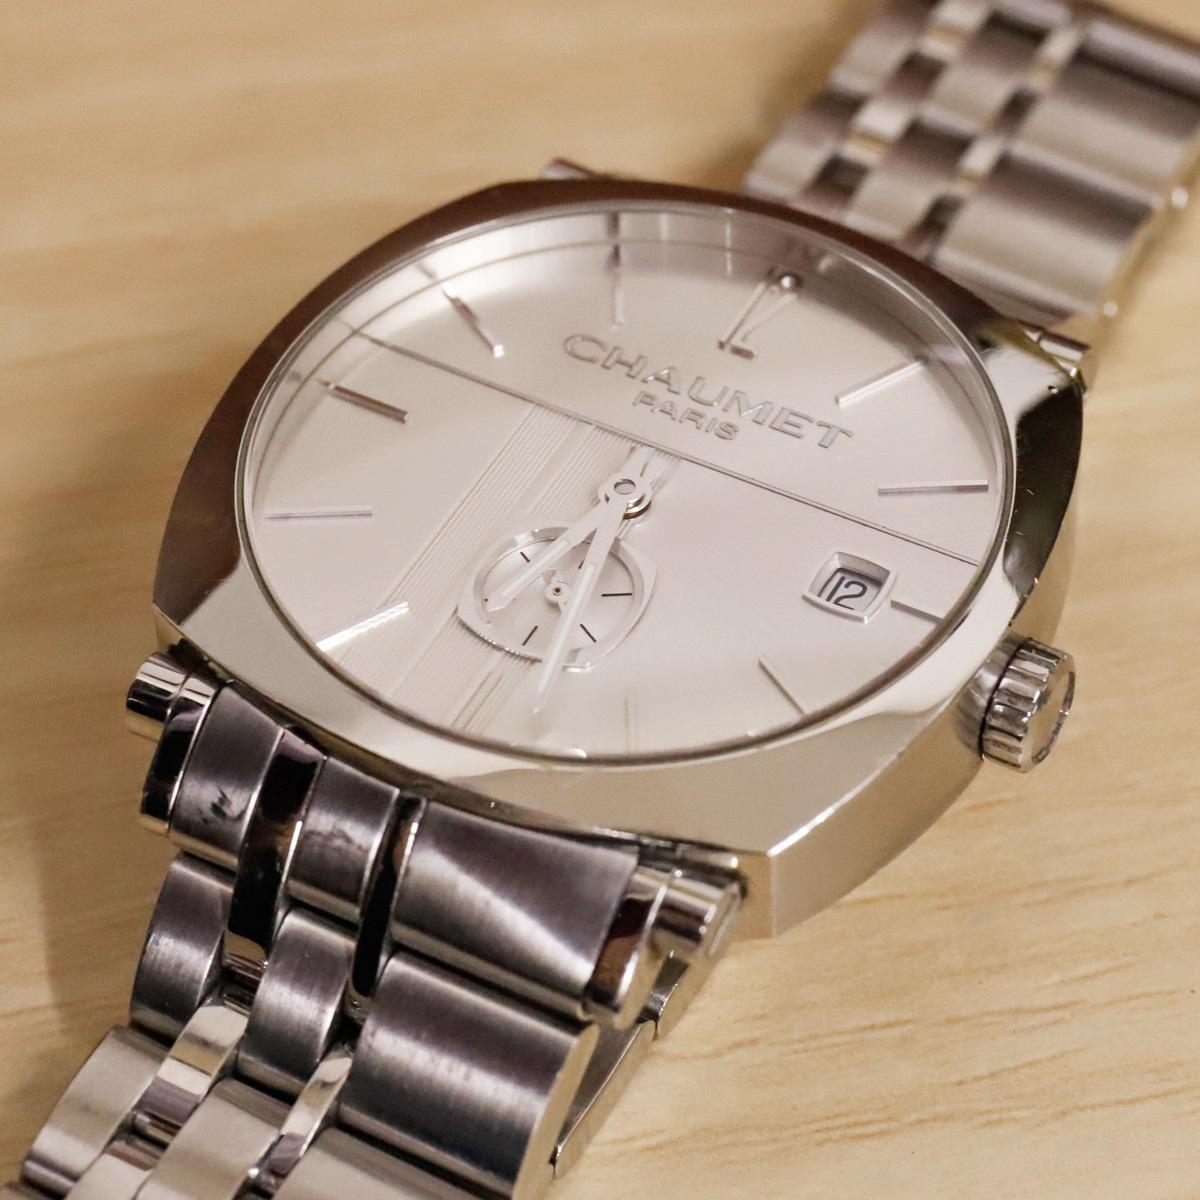 本物 ショーメ 自動巻 ダンディ オートマチック メンズ 純正メタルブレスレットモデル 機械式時計 スイス製 正規品 CHAUMET_画像4